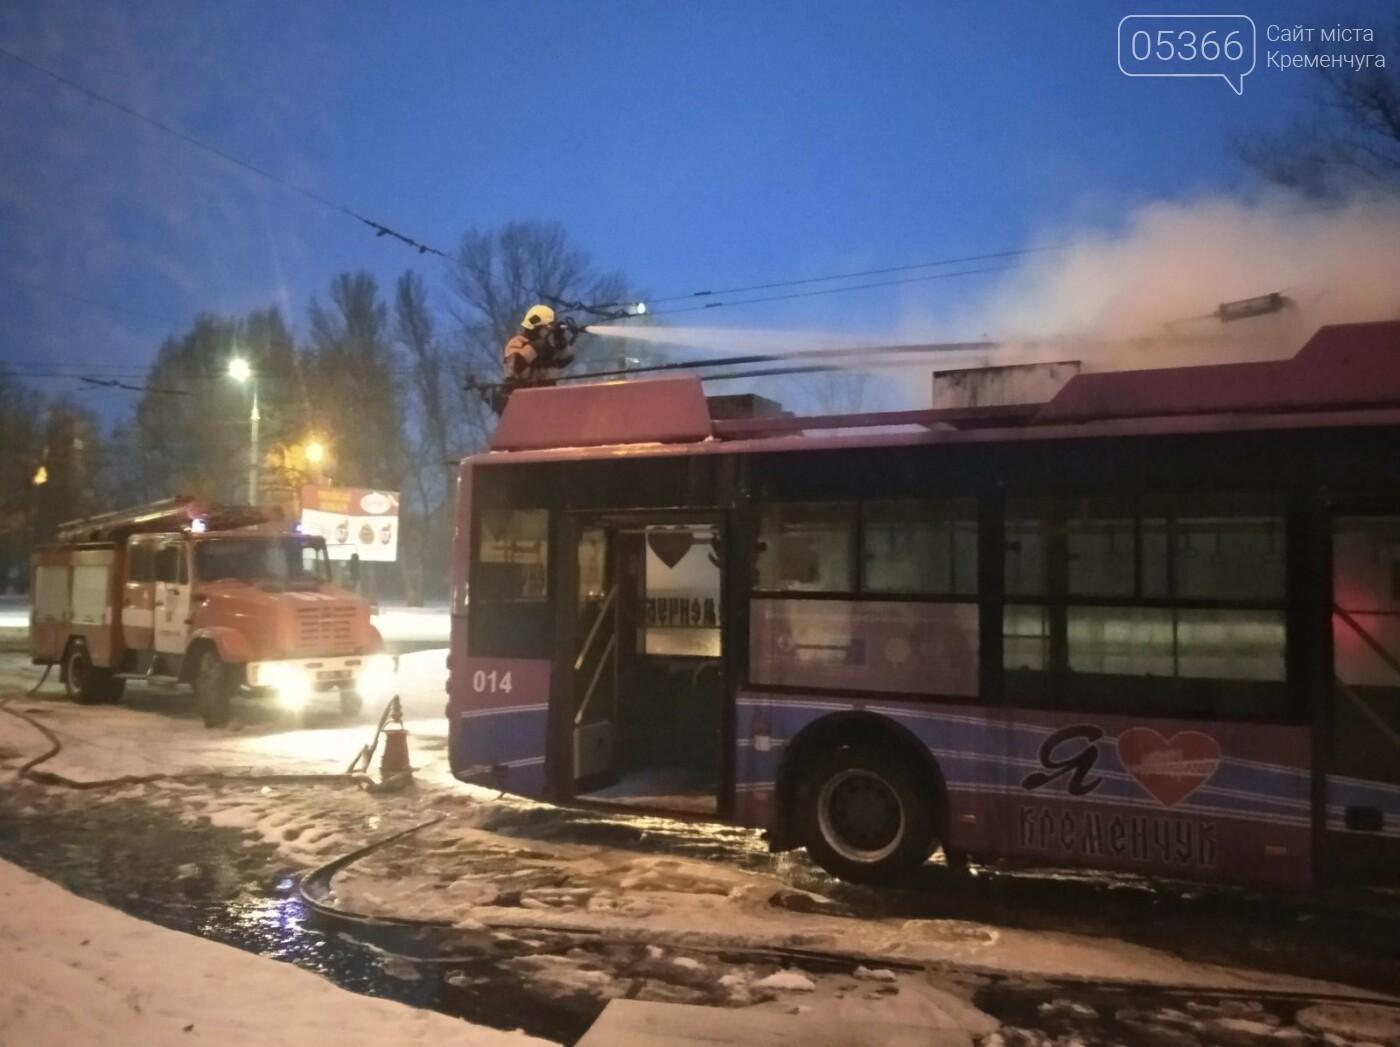 У Кременчуці пожежники гасили вогонь на тролейбусі, фото-1